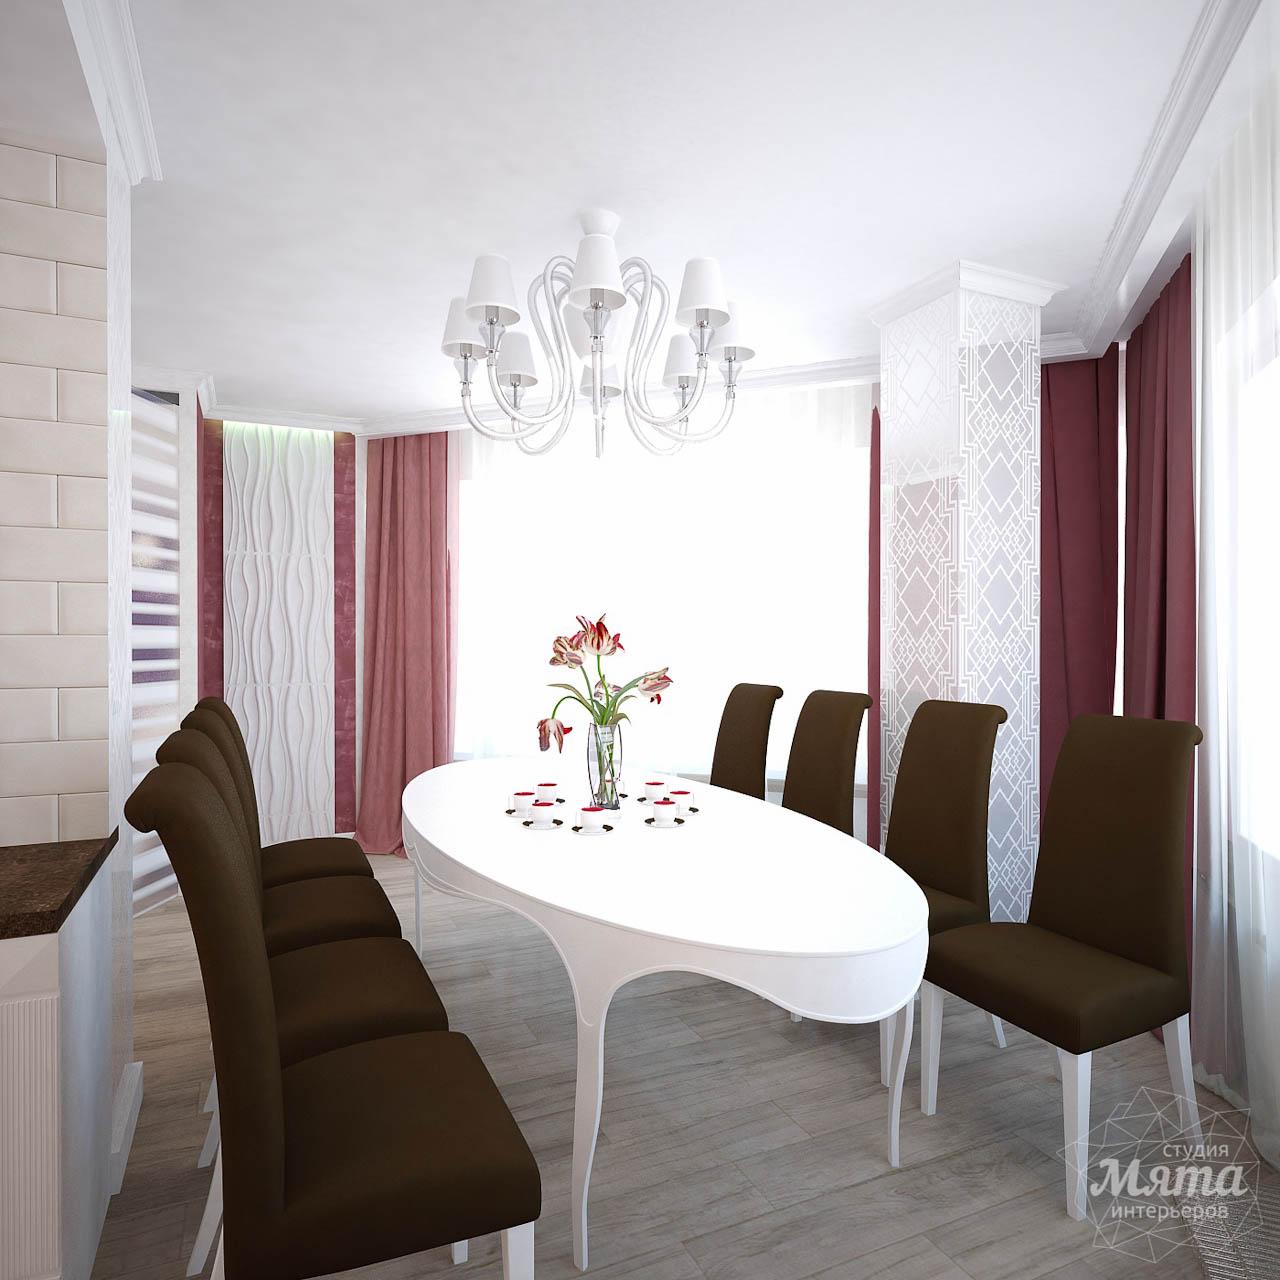 Дизайн интерьера четырехкомнатной квартиры по ул. Шевченко 18 img2002158084